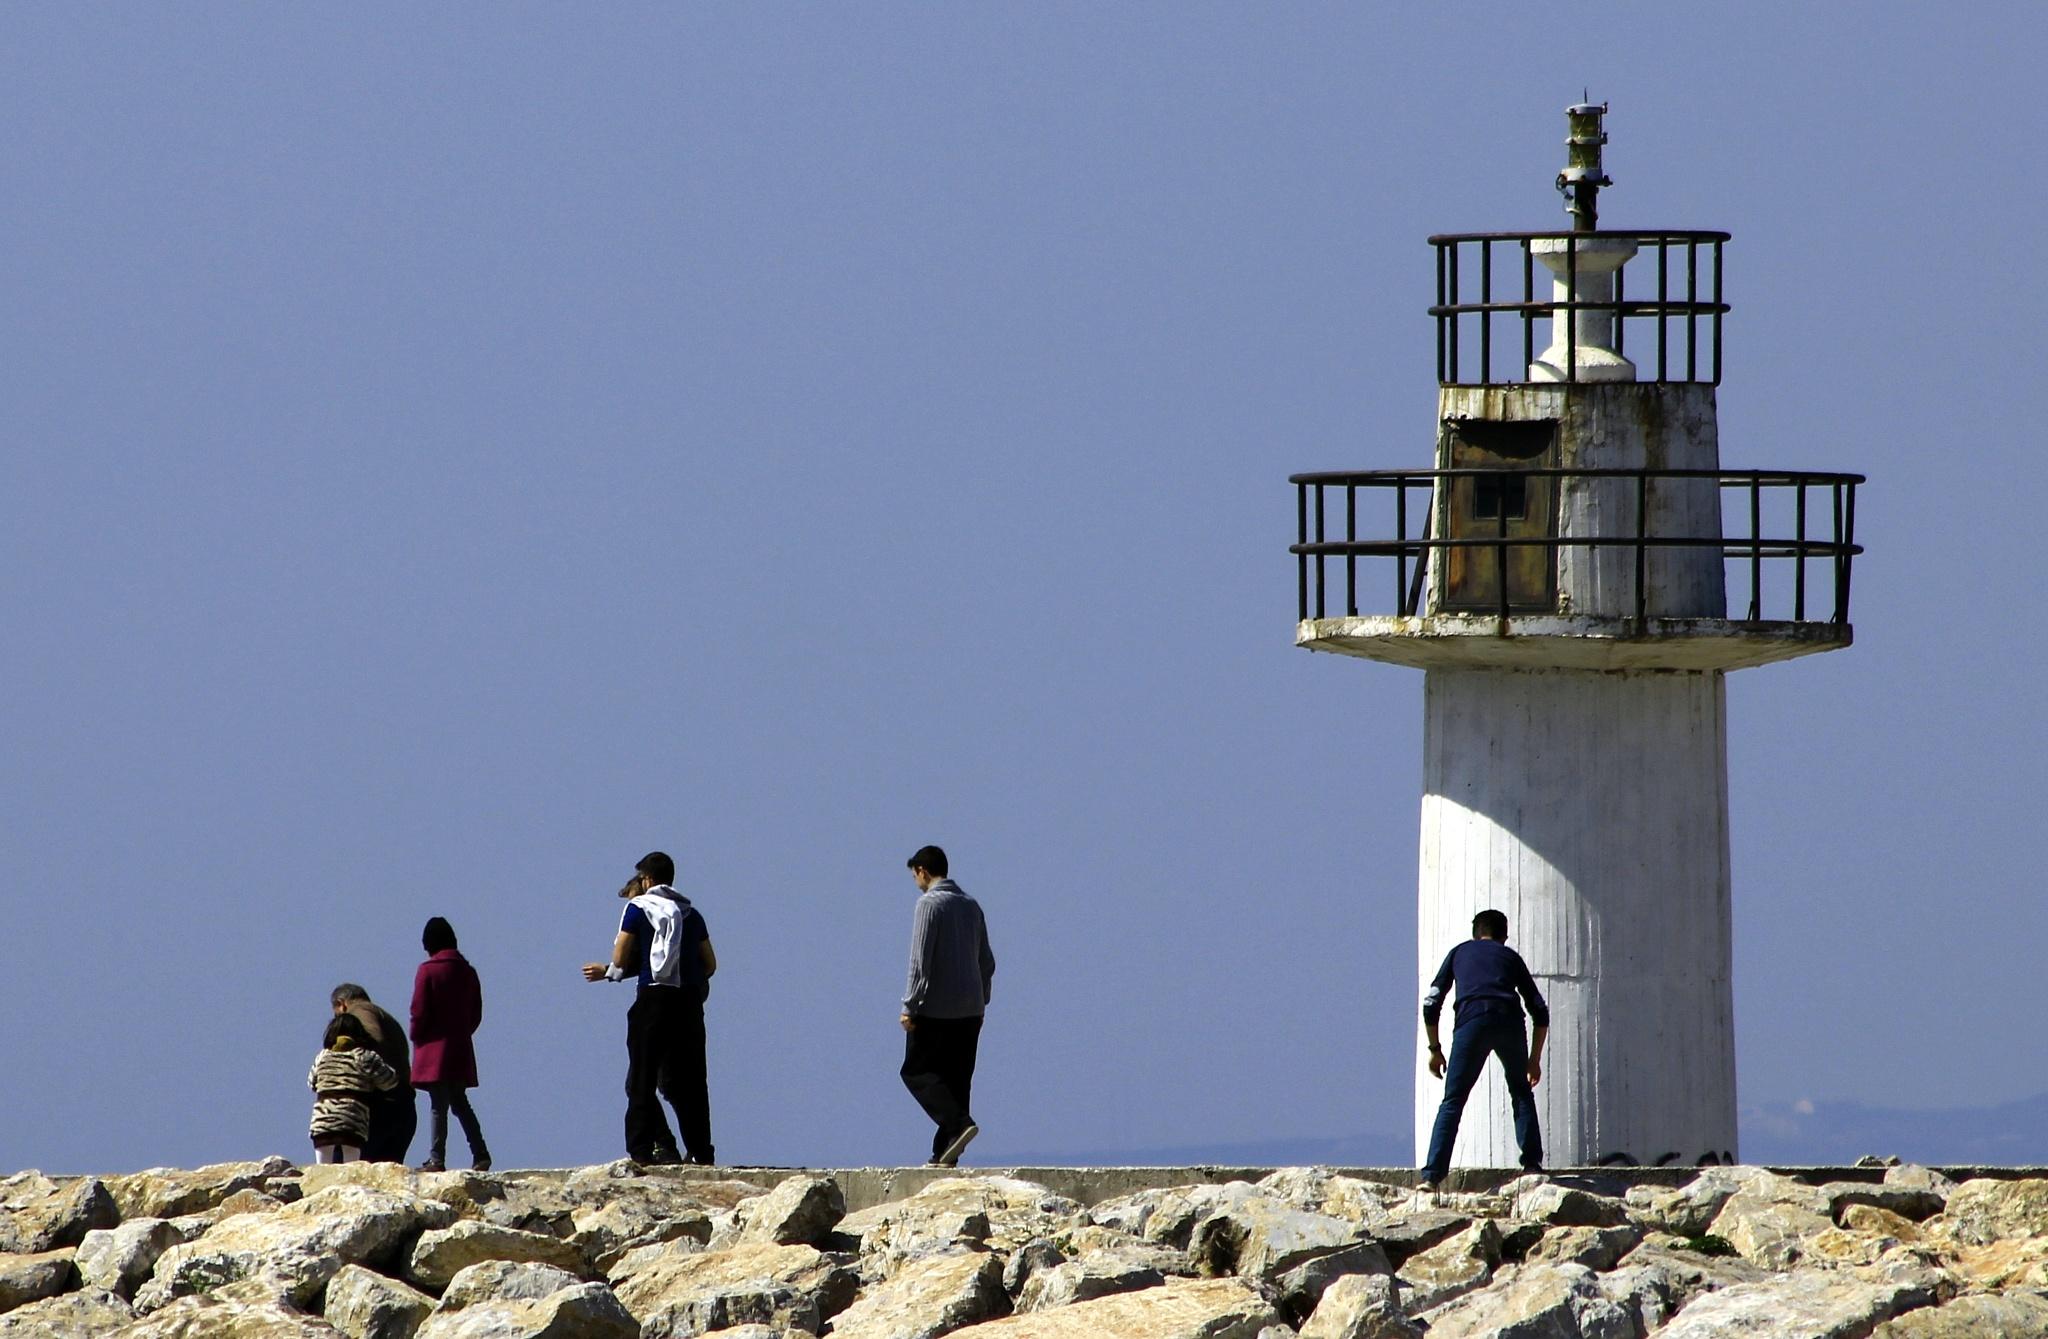 Lighthouse by Erdoğan ORÇİN